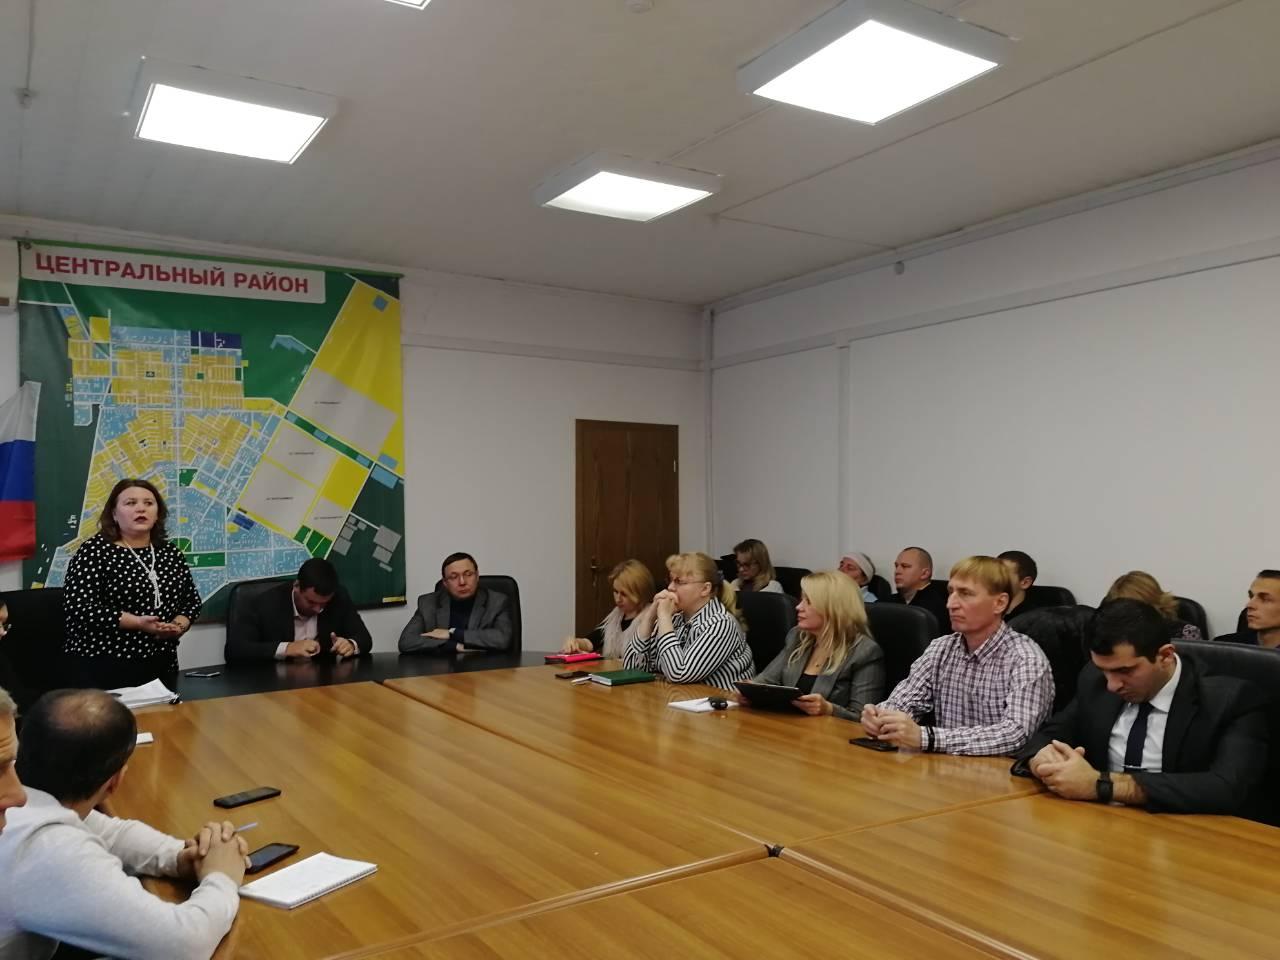 Управляющие микрорайонами Тольятти рассказали о своей работе